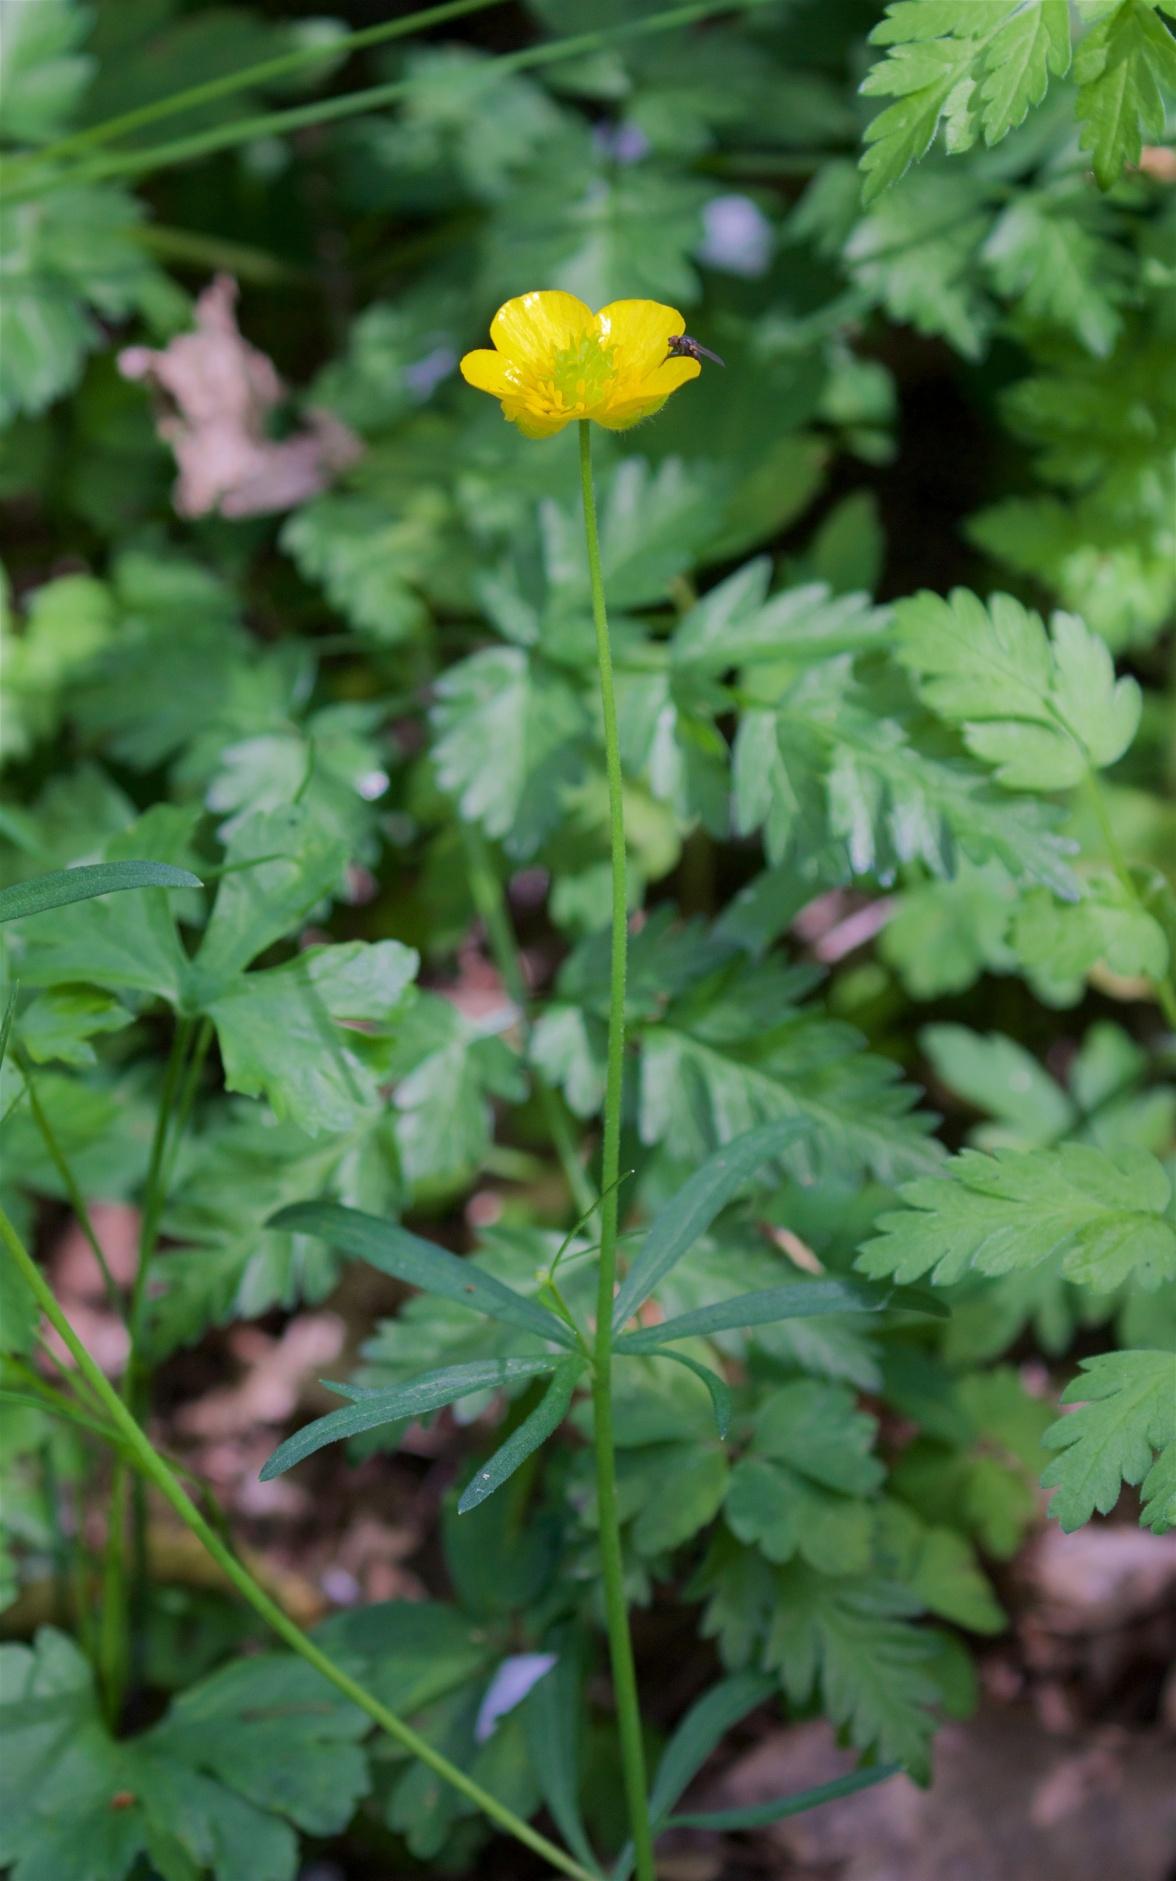 Goldilocks buttercup